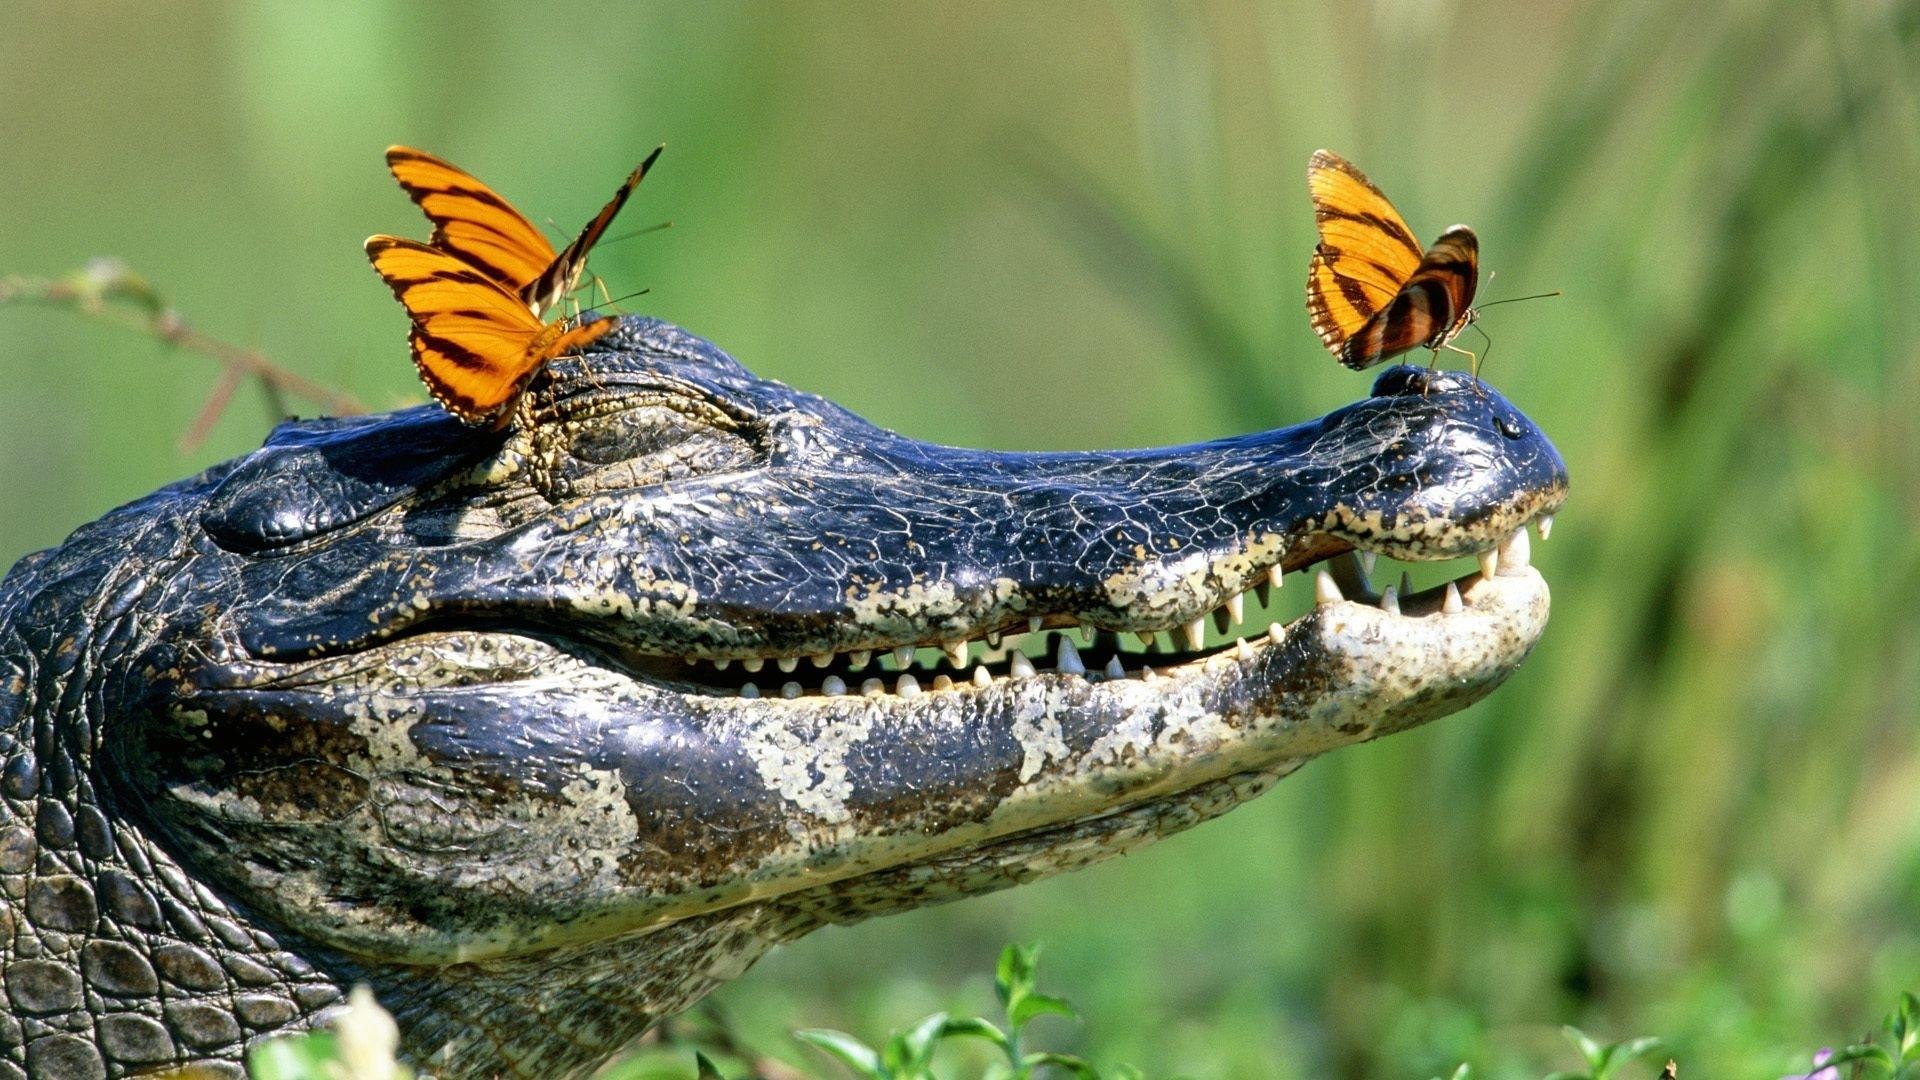 crocodile new photos